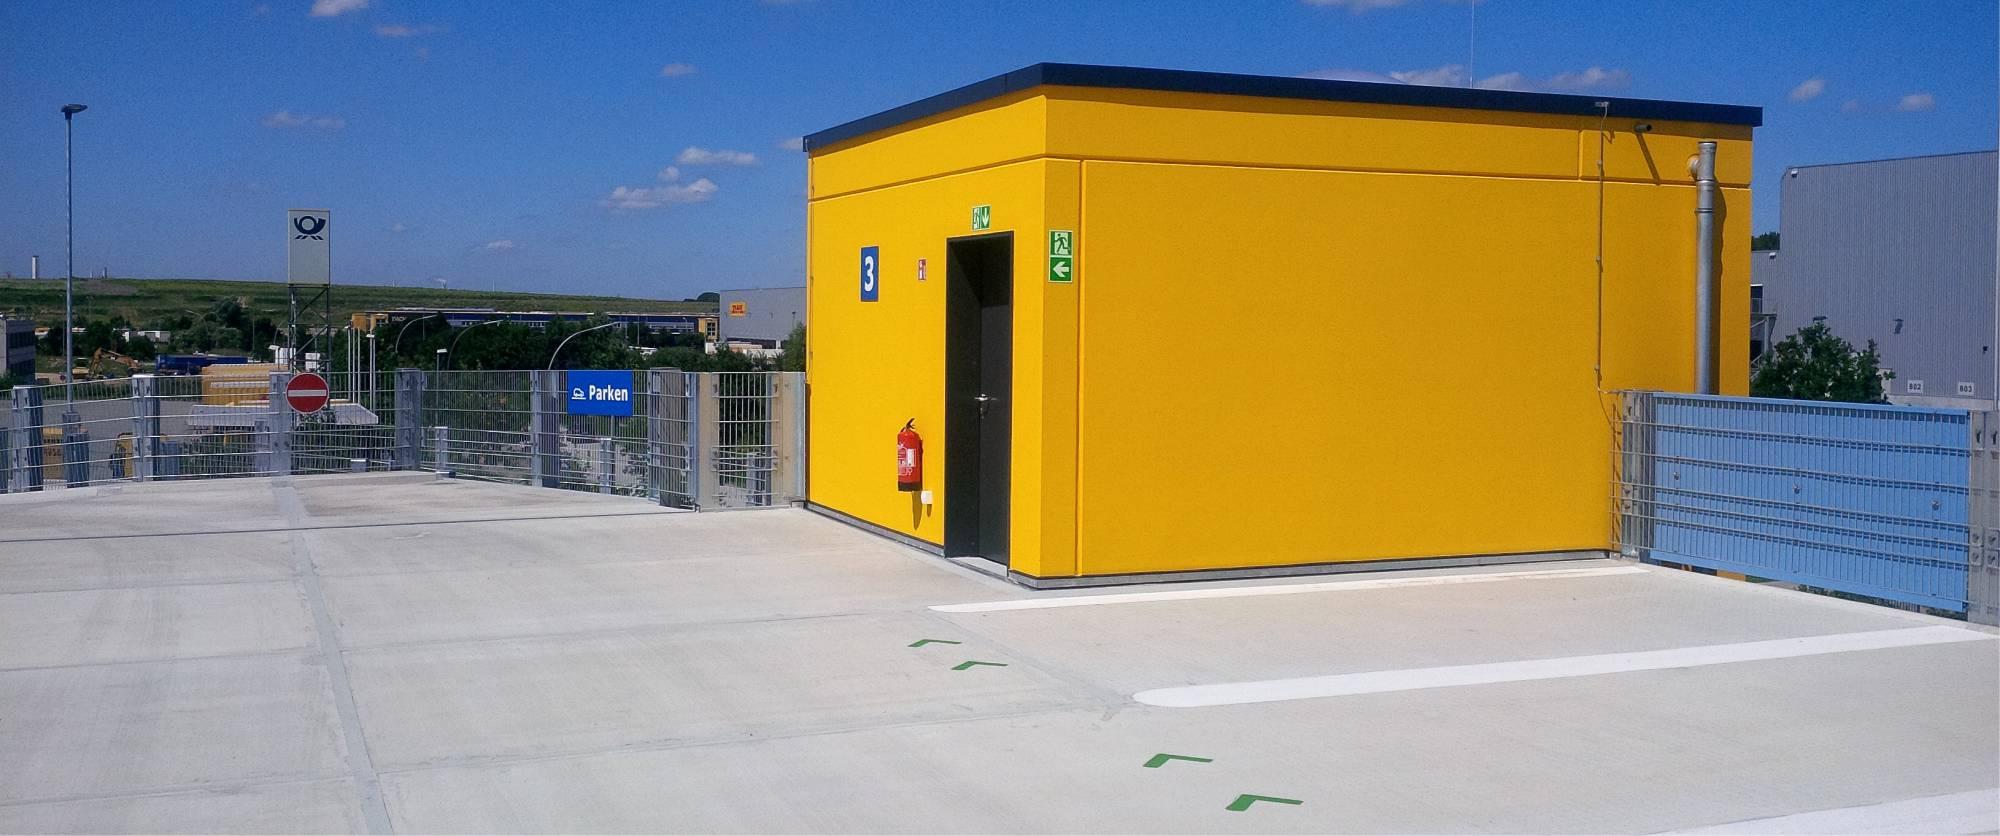 parkcon - Parkhaus Bau DHL - Parkdach